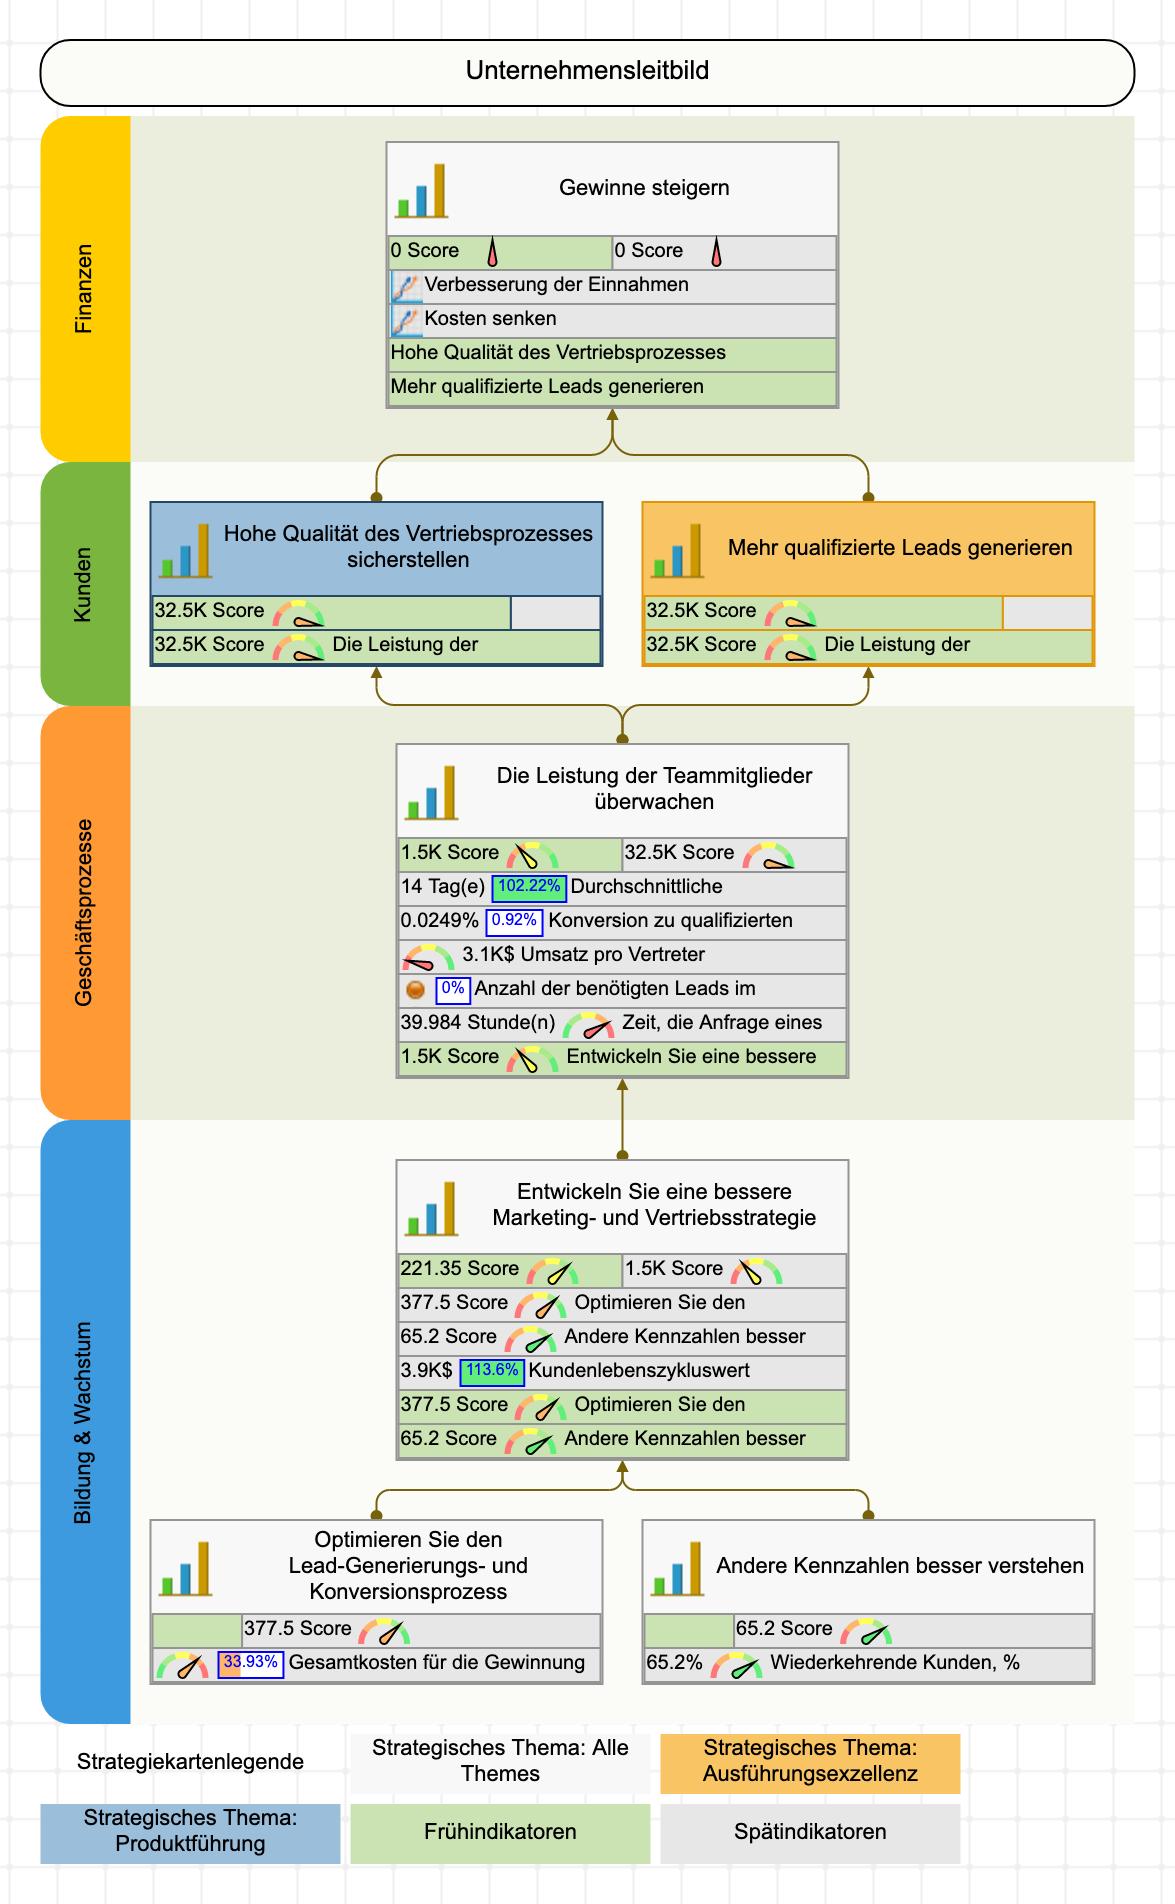 KPIs, Scorecard und Strategiekarten-Beispiel. Vertrieb